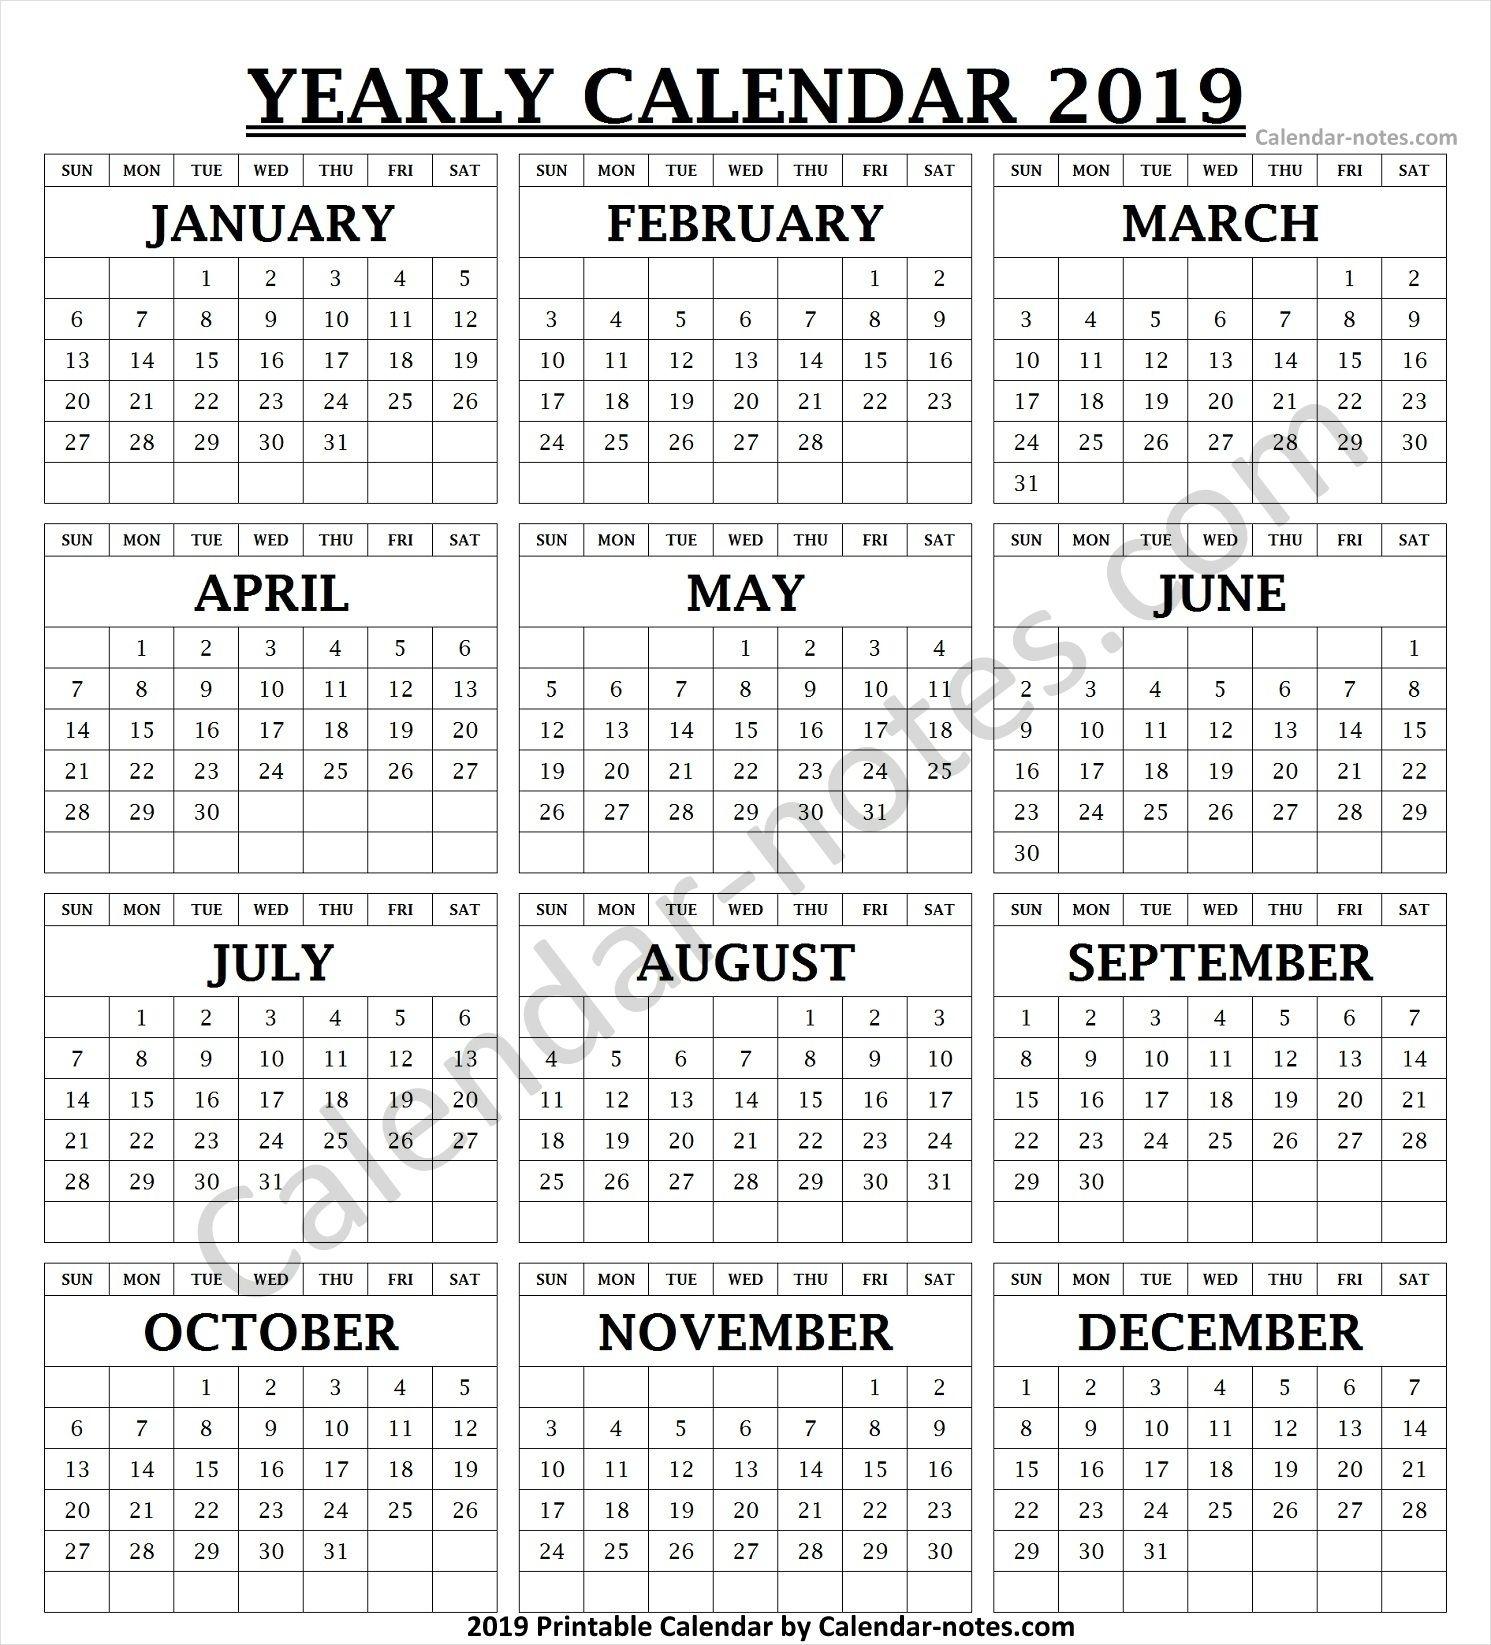 2019 Calendar Vertical List | 2019 Calendar, Calendar